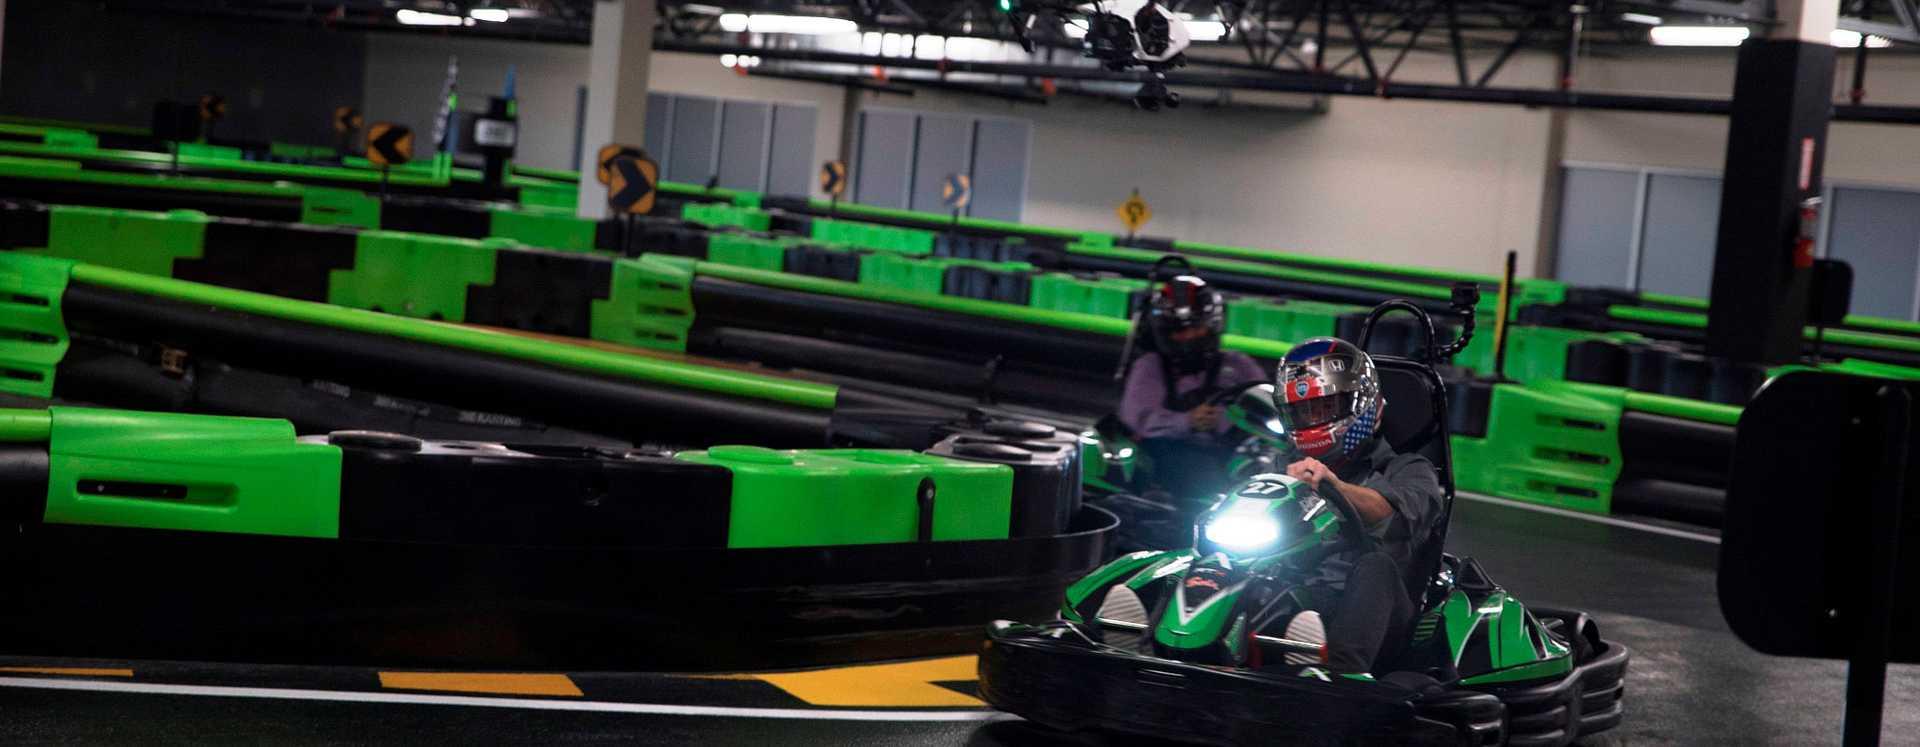 Indoor Activities in Orlando | Attractions & Recreation